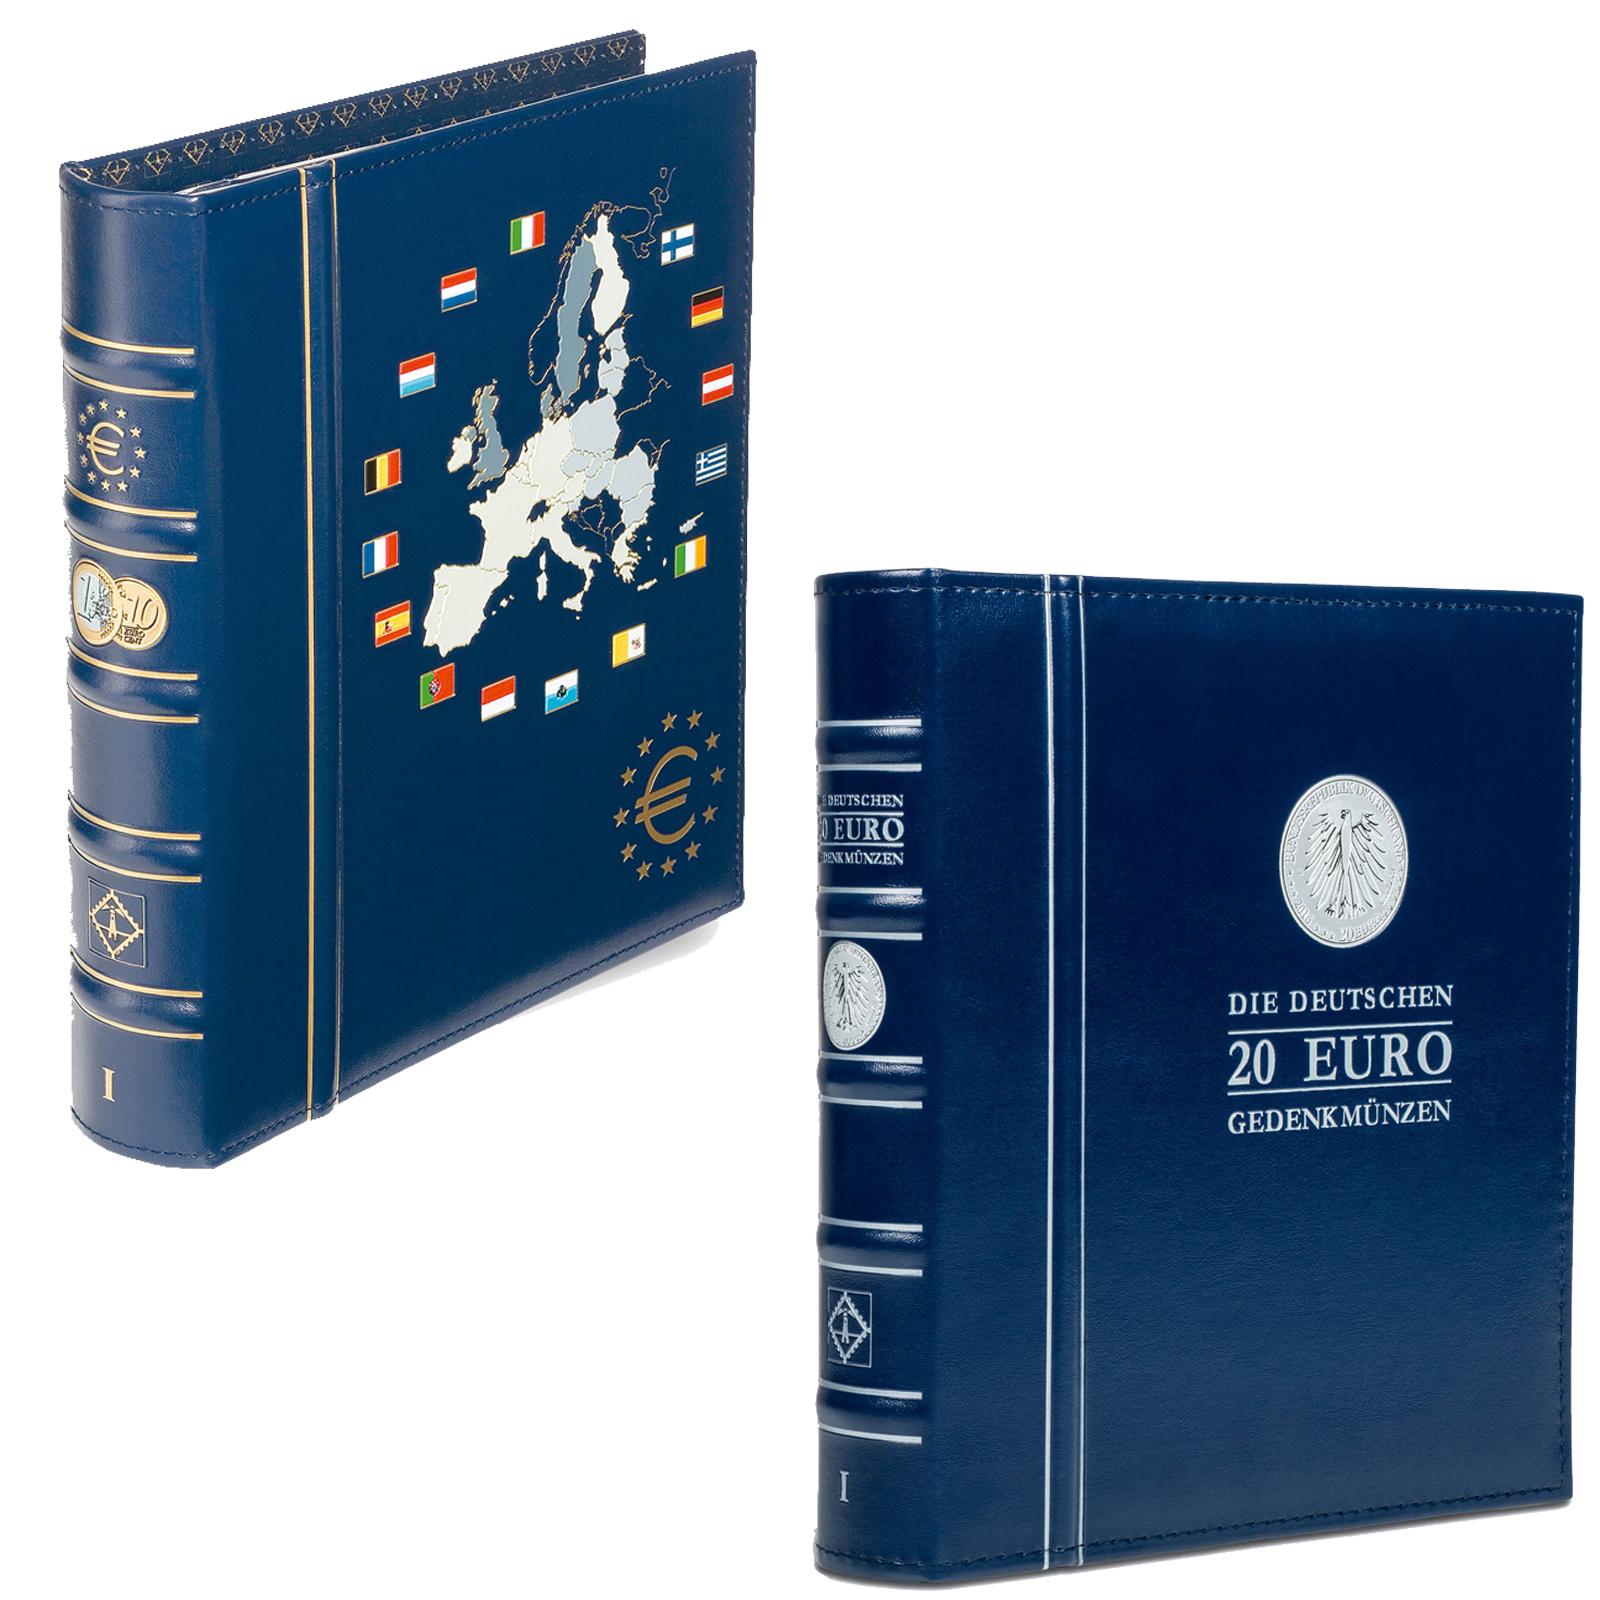 Leuchtturm Vista Euro Münzalbum Sammelalbum Kms Münzen Album